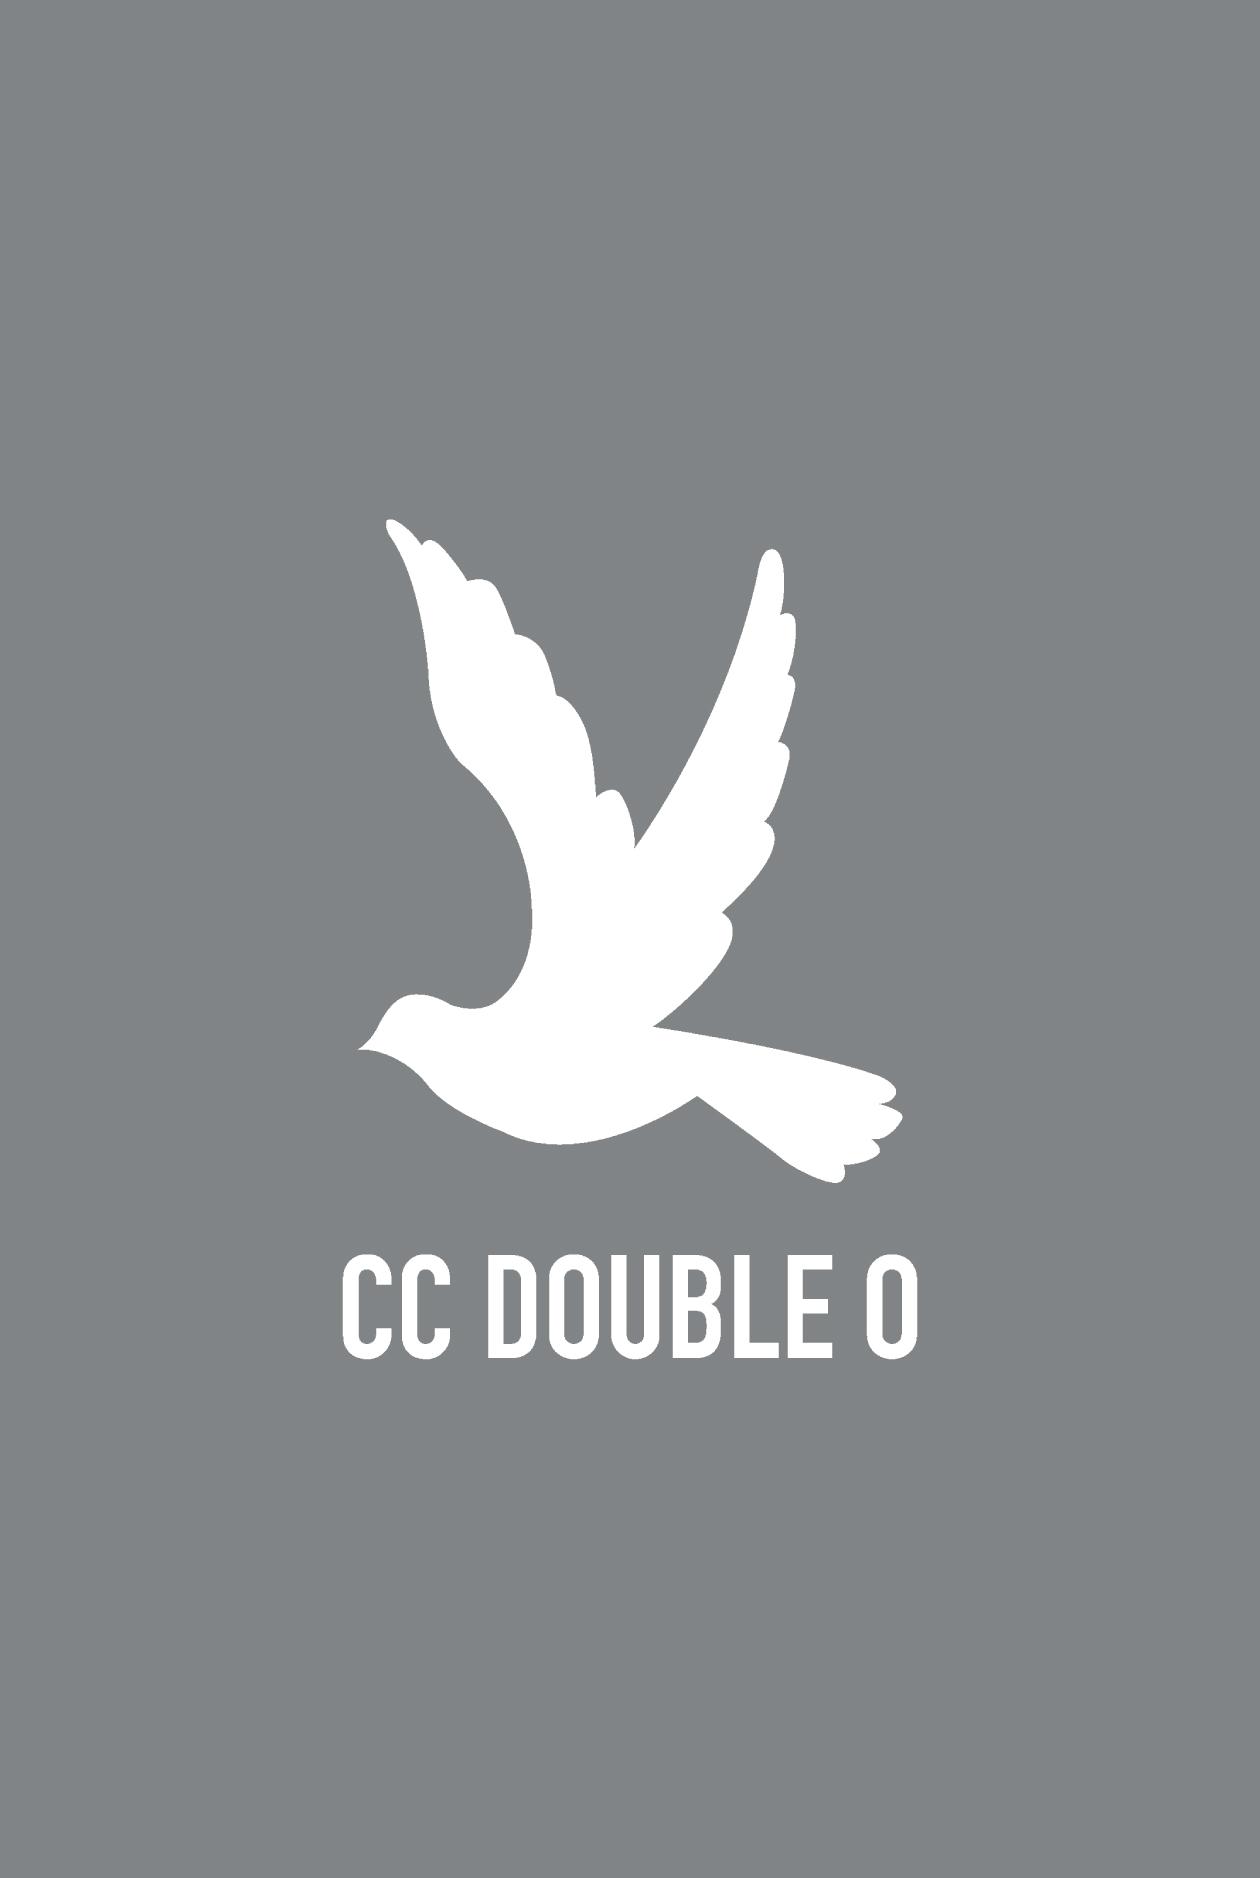 เสื้อยืดแขนยาว CC DOUBLE O สีตัดกัน